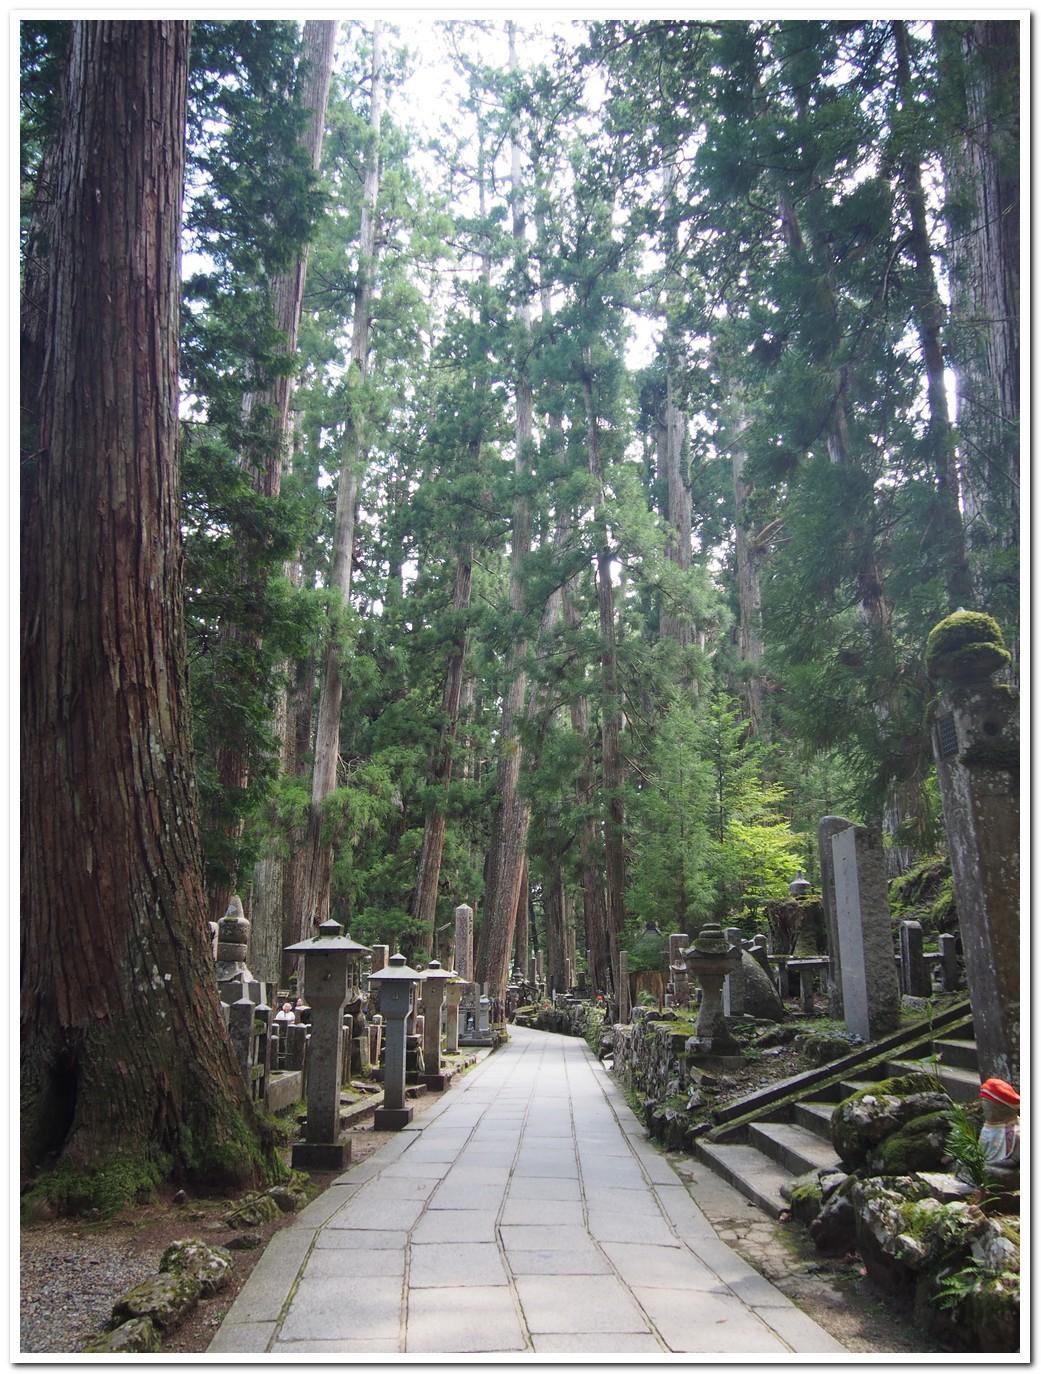 koyasan temple in wakayama